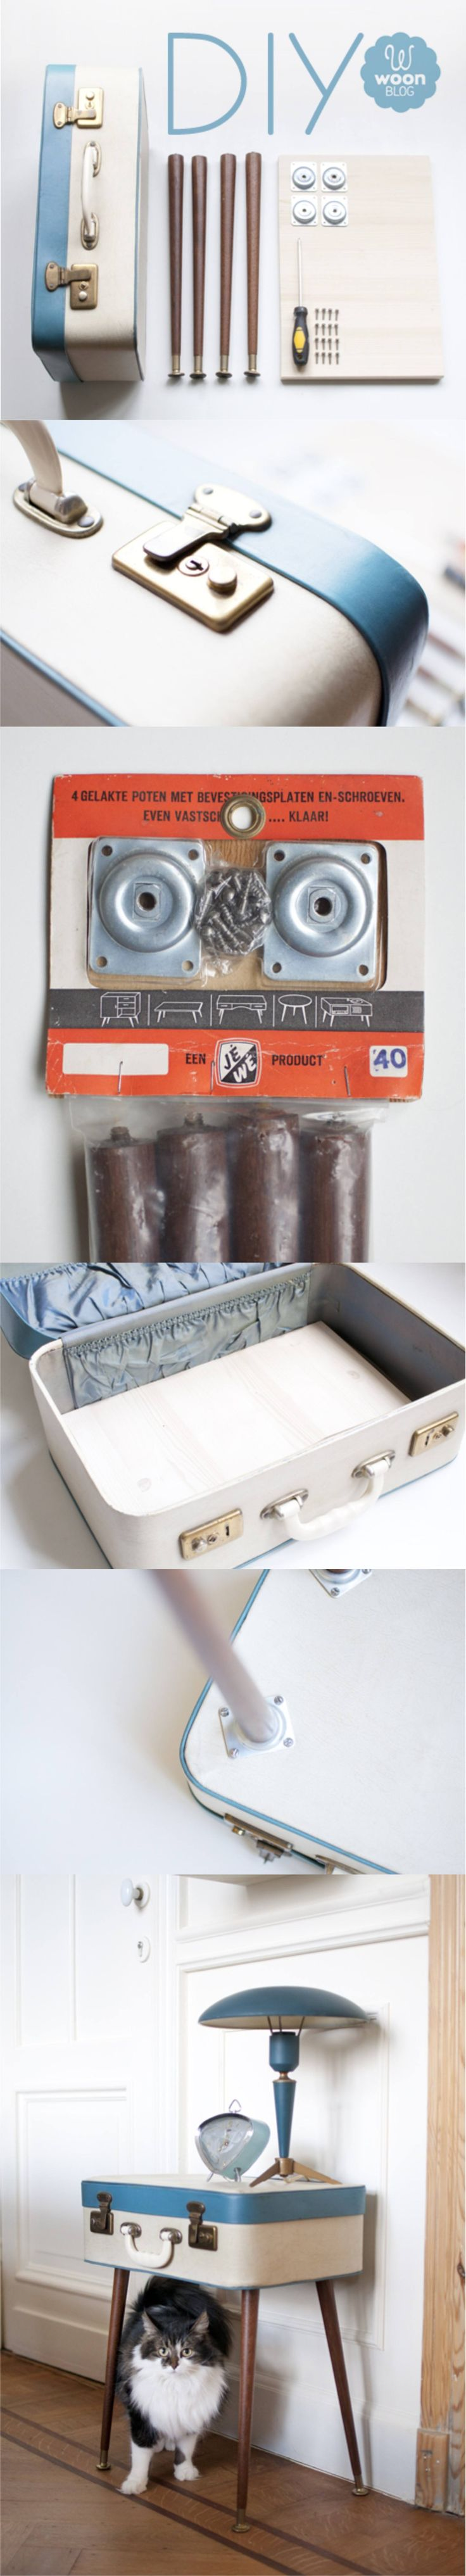 Mesa DIY reutilizando maleta - woonblog.typepad.com - DIY Suitcase Table